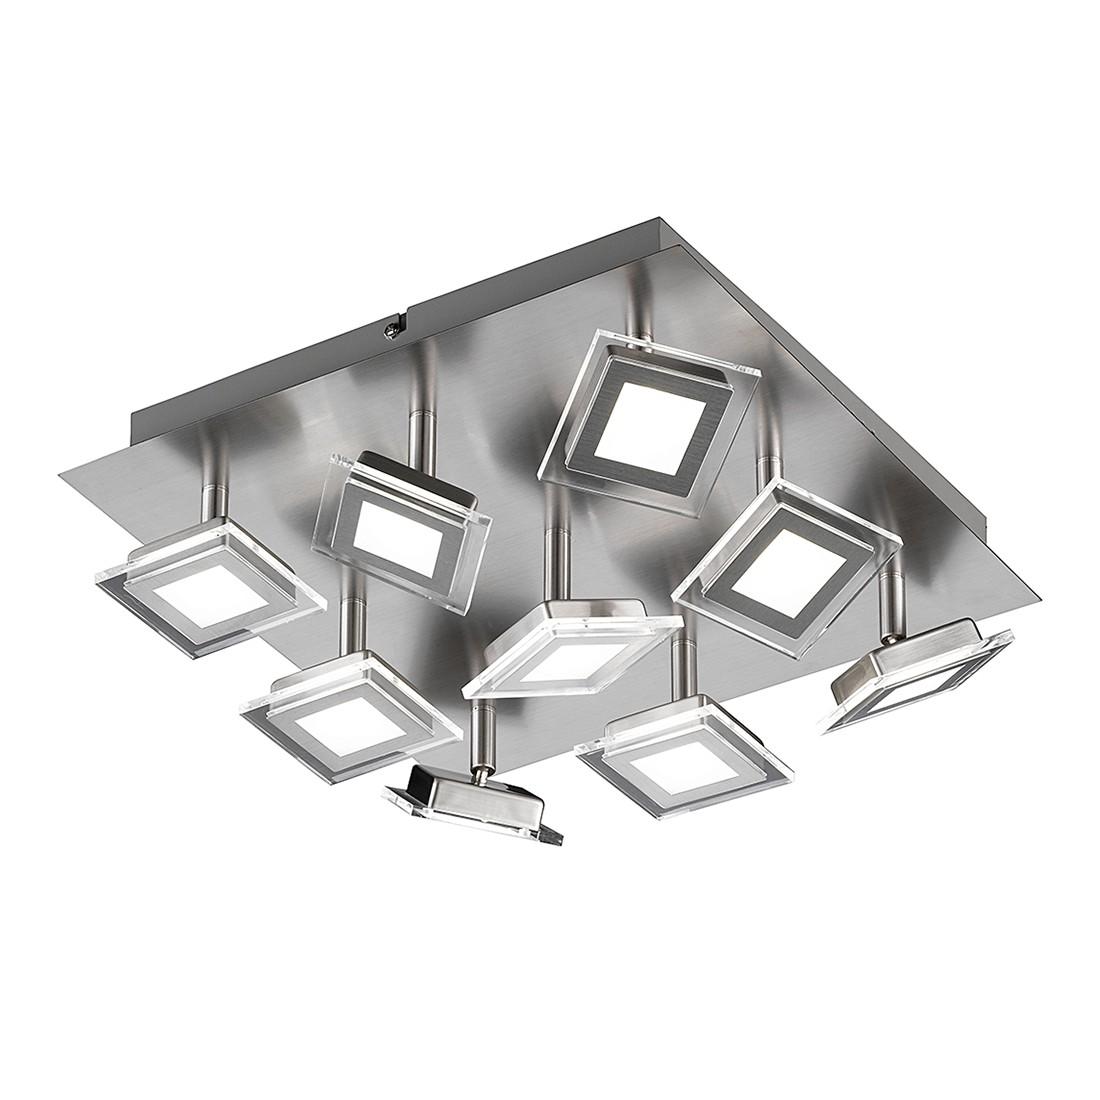 Deckenleuchte CHOLET ● Metall/Kunststoff ● 9-flammig- Lux A+